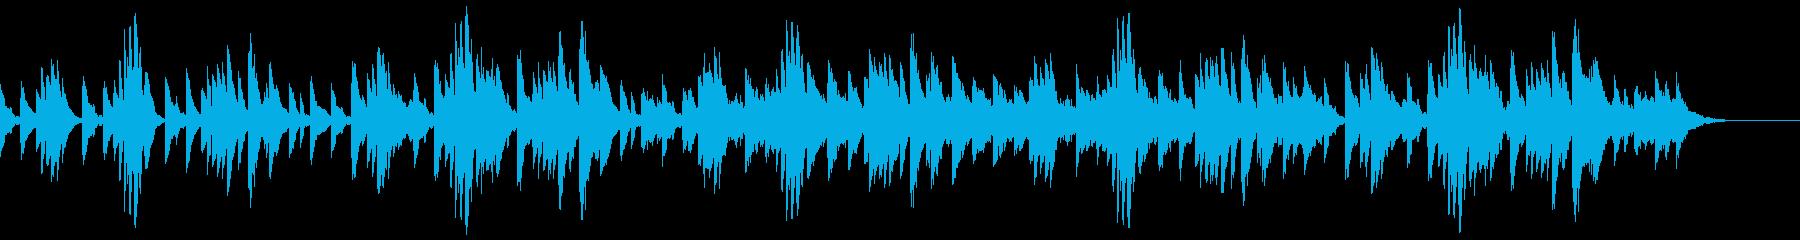 切なくて優しい雰囲気のピアノ曲の再生済みの波形